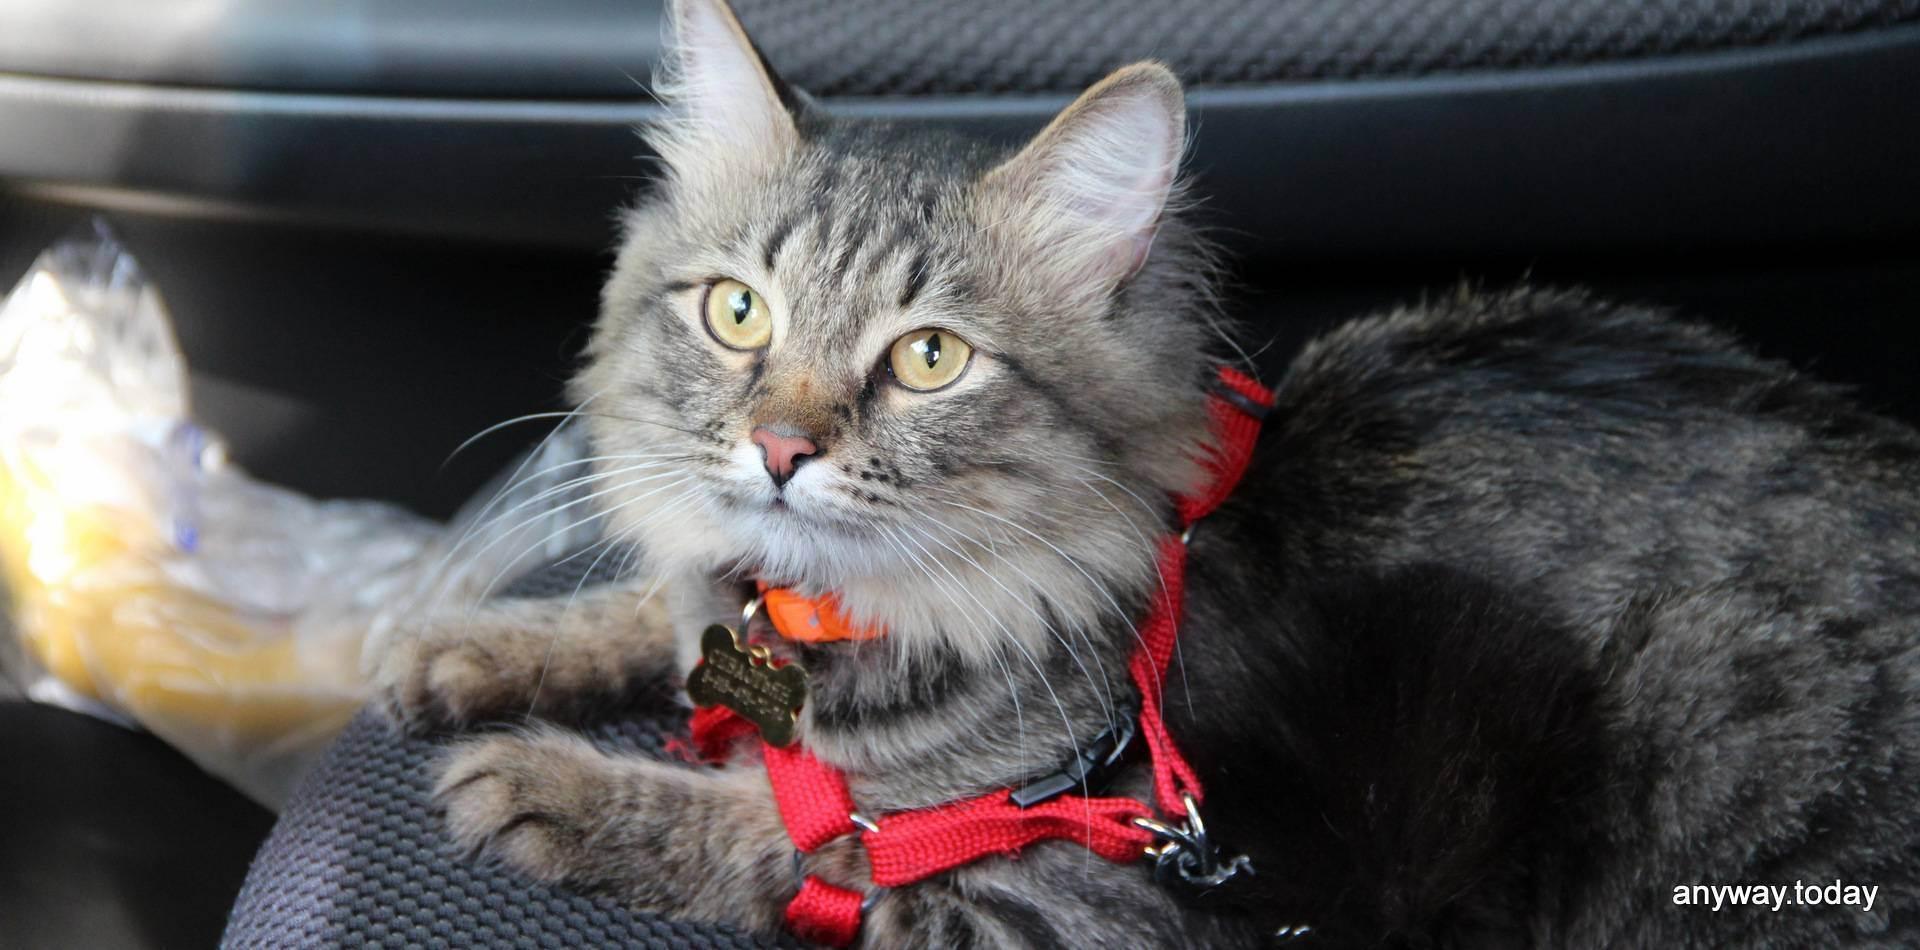 Транспортировка кошек. 6 советов которые помогут подготовиться